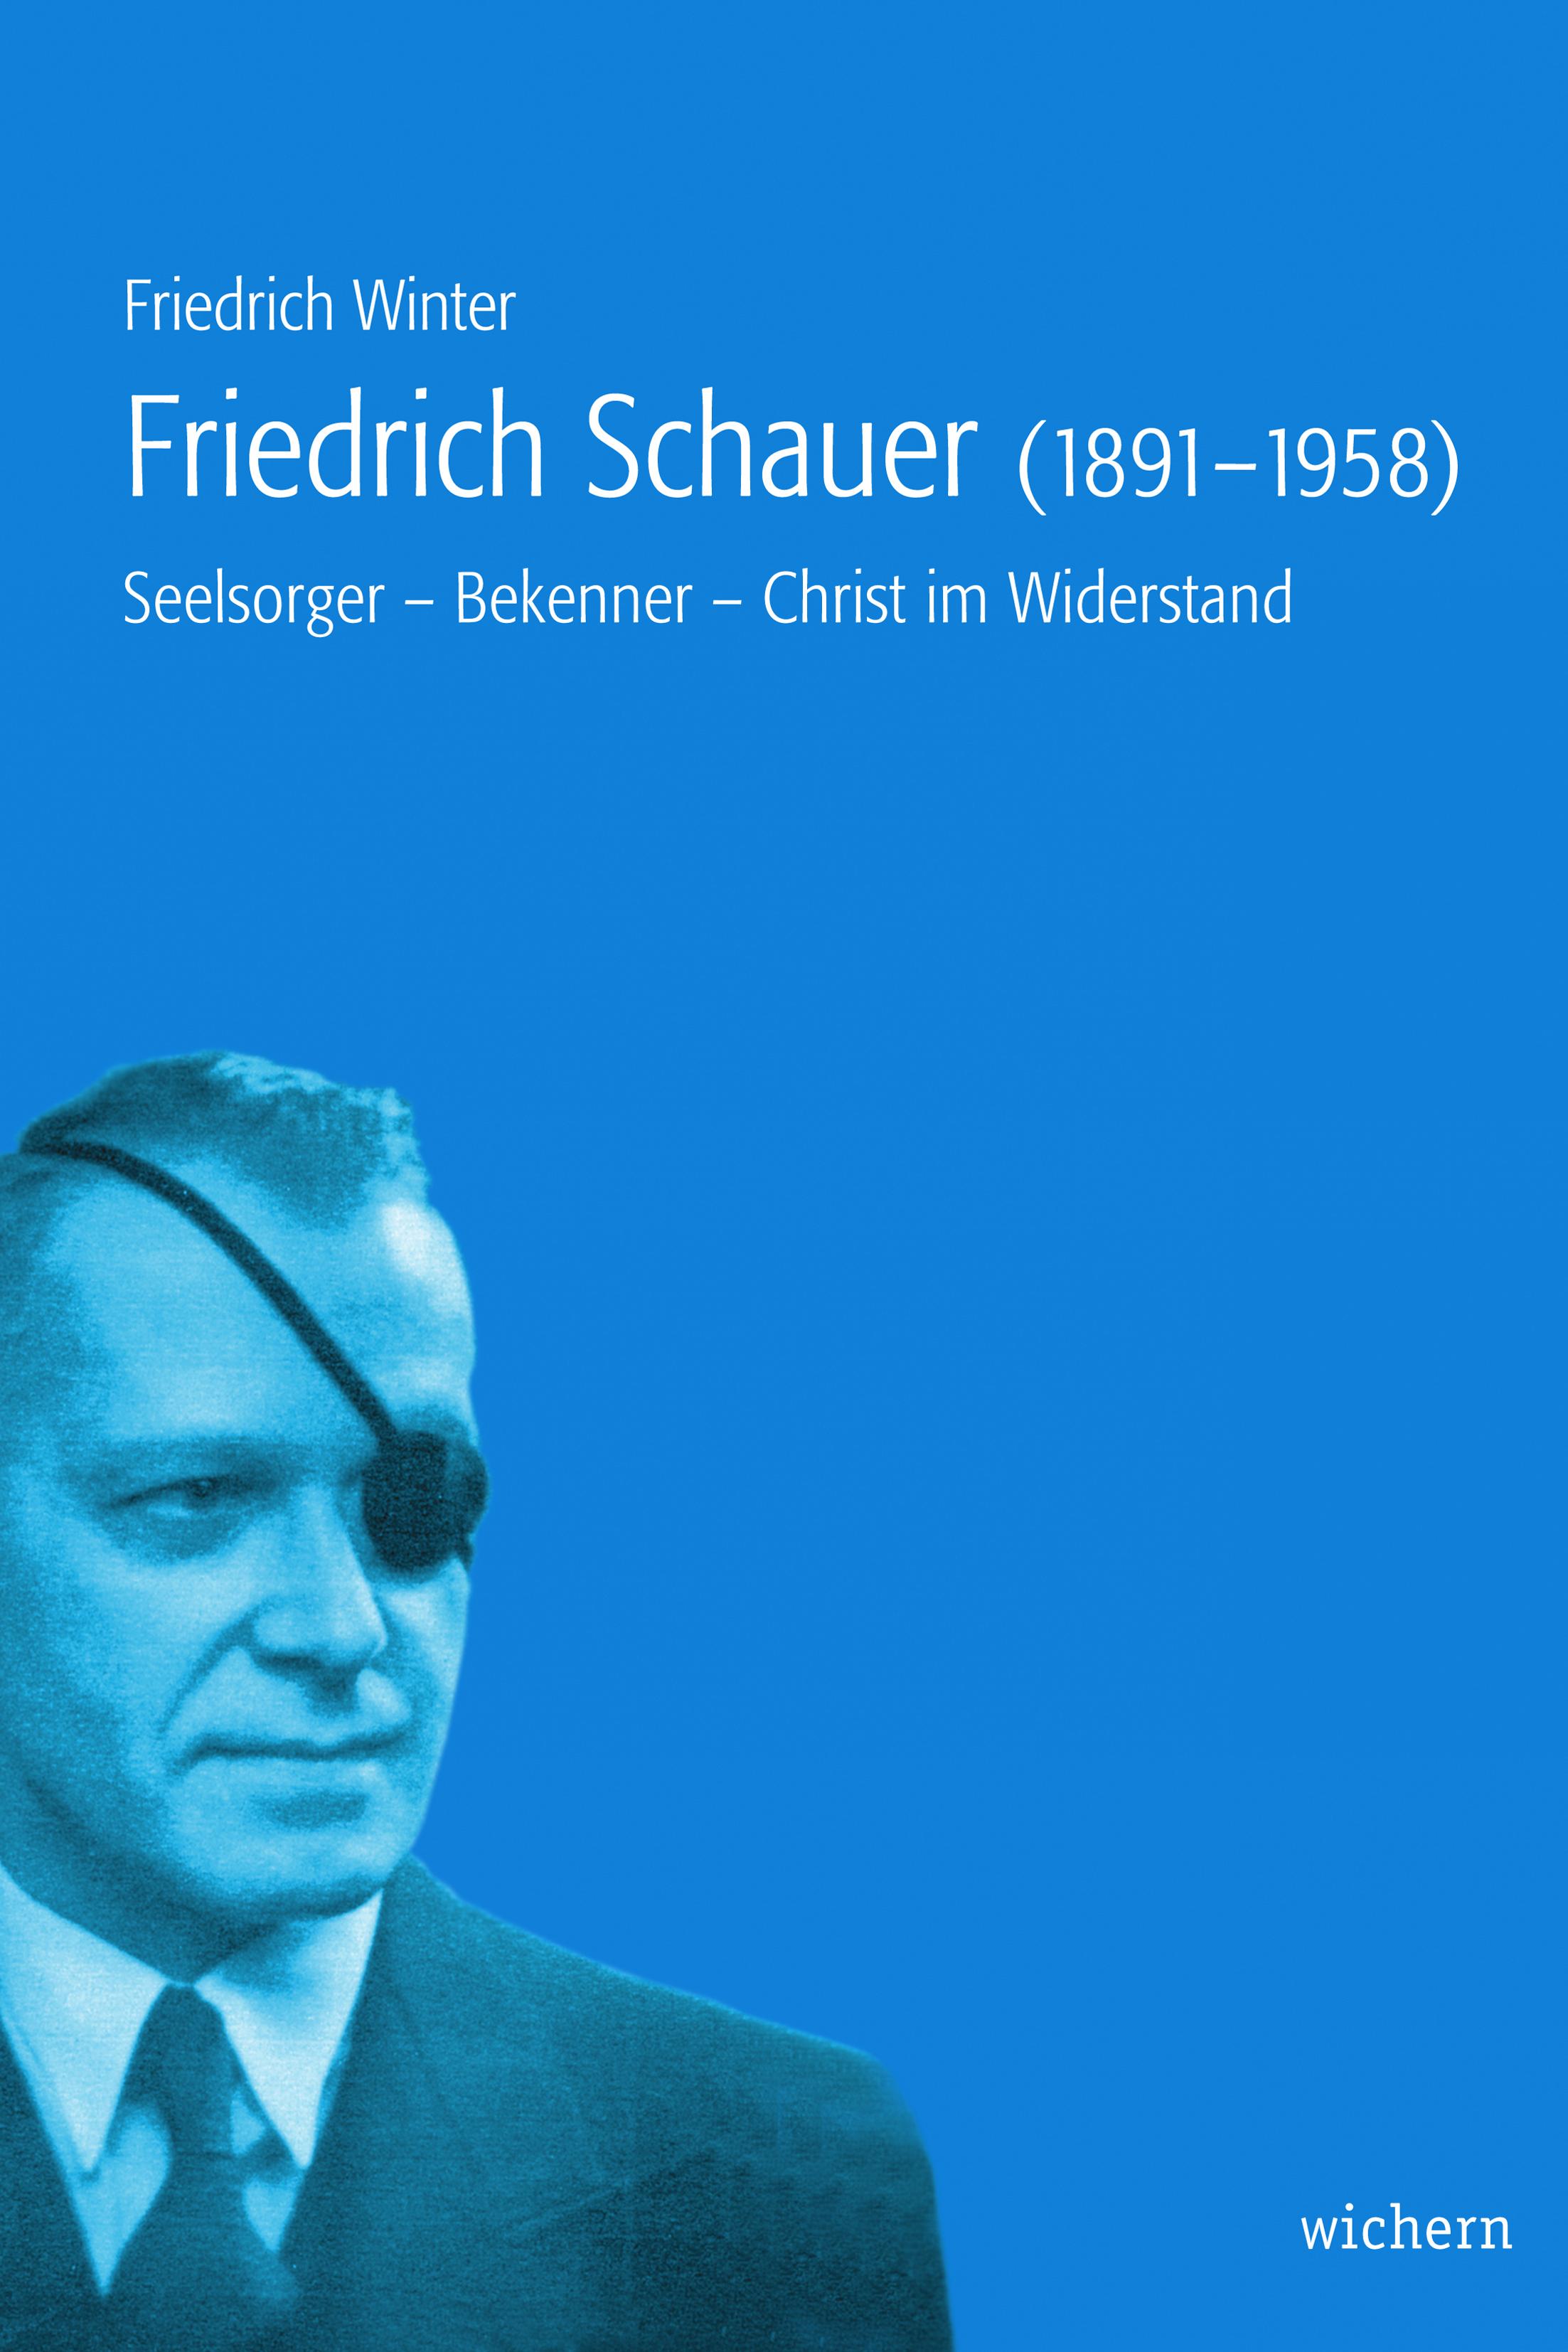 Friedrich Schauer (1891 - 1958)